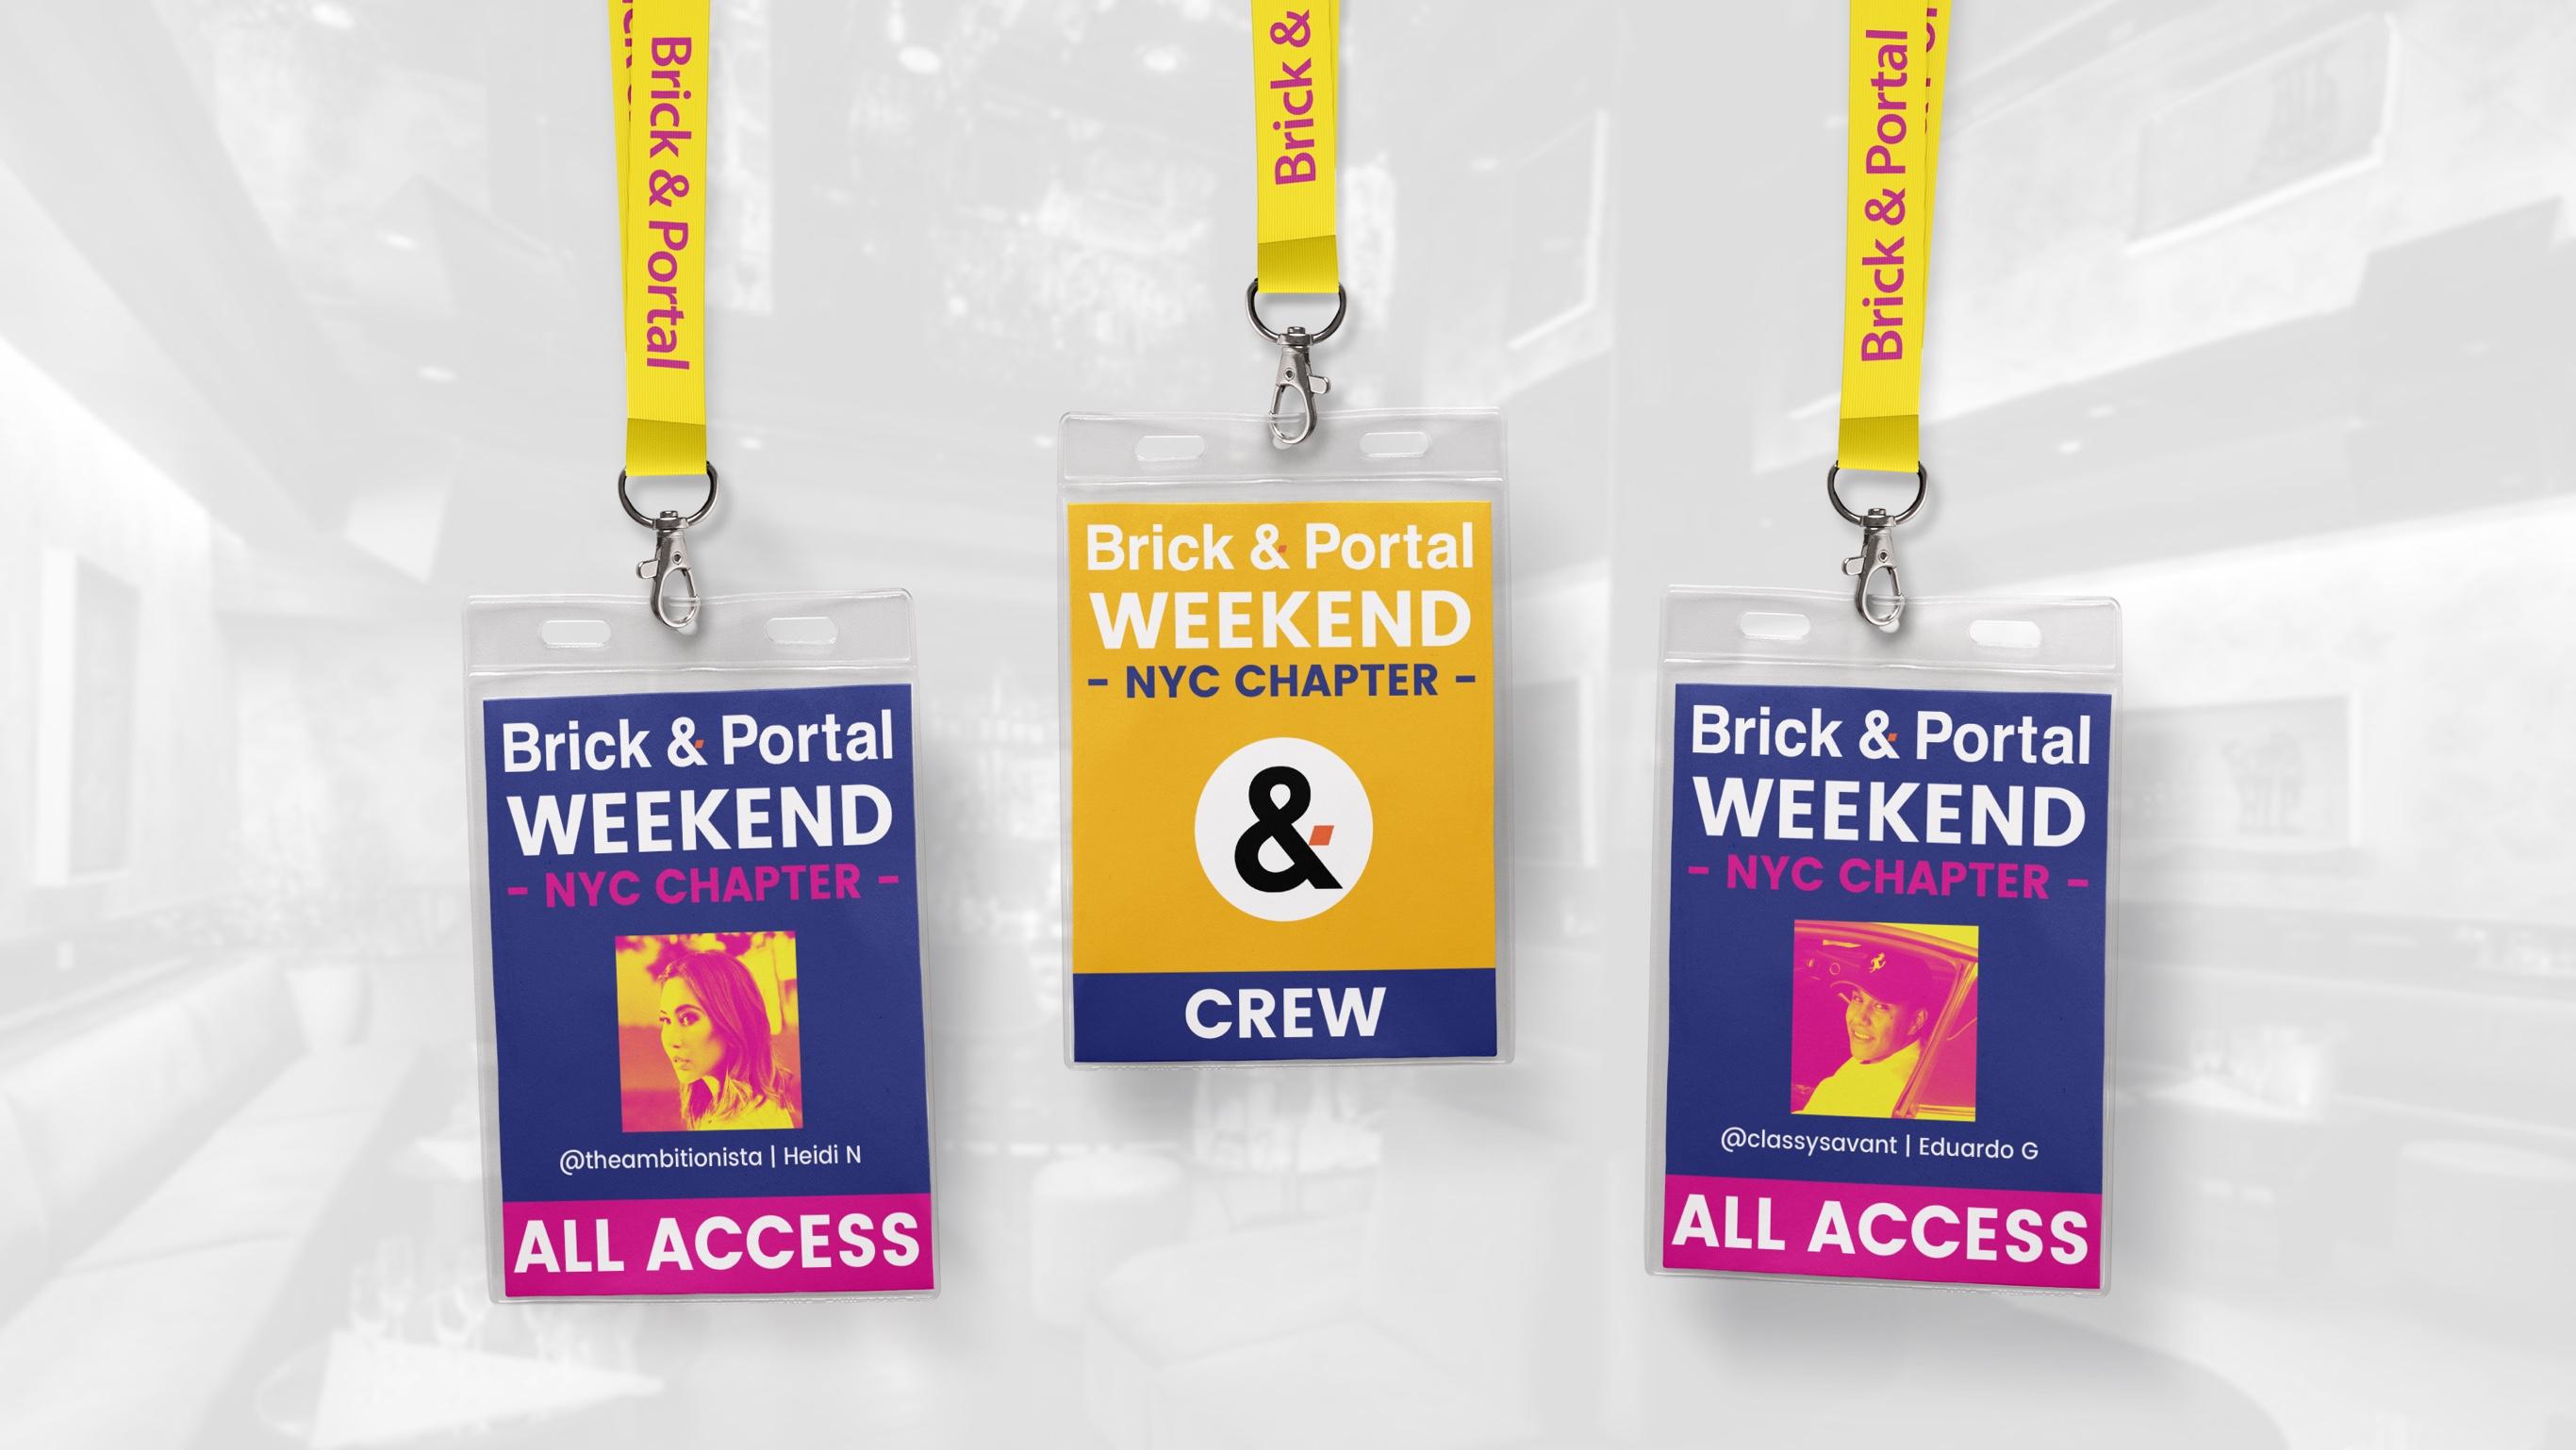 brick & portal weekend